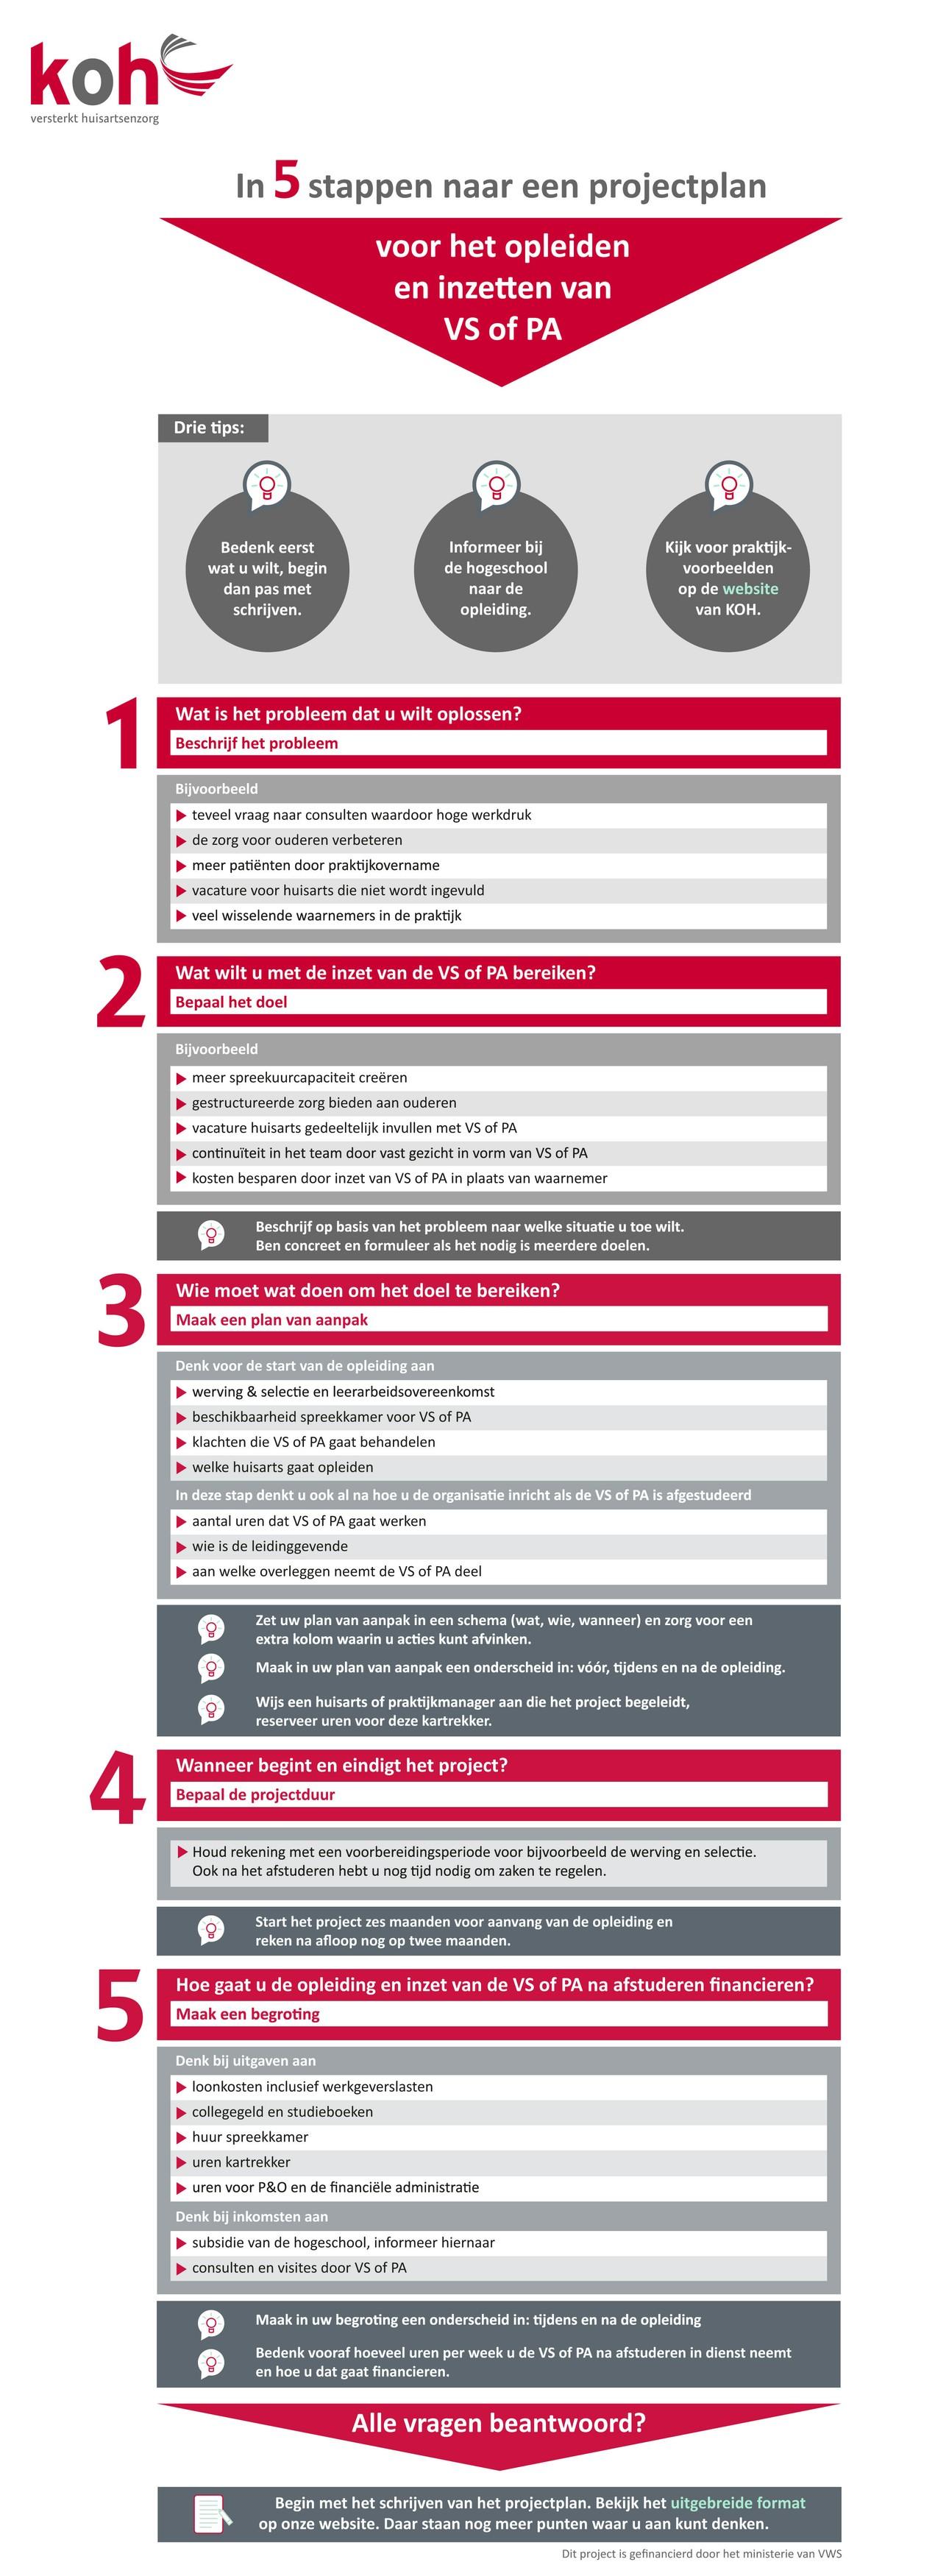 In 5 stappen naar projectplan voor VS of PA